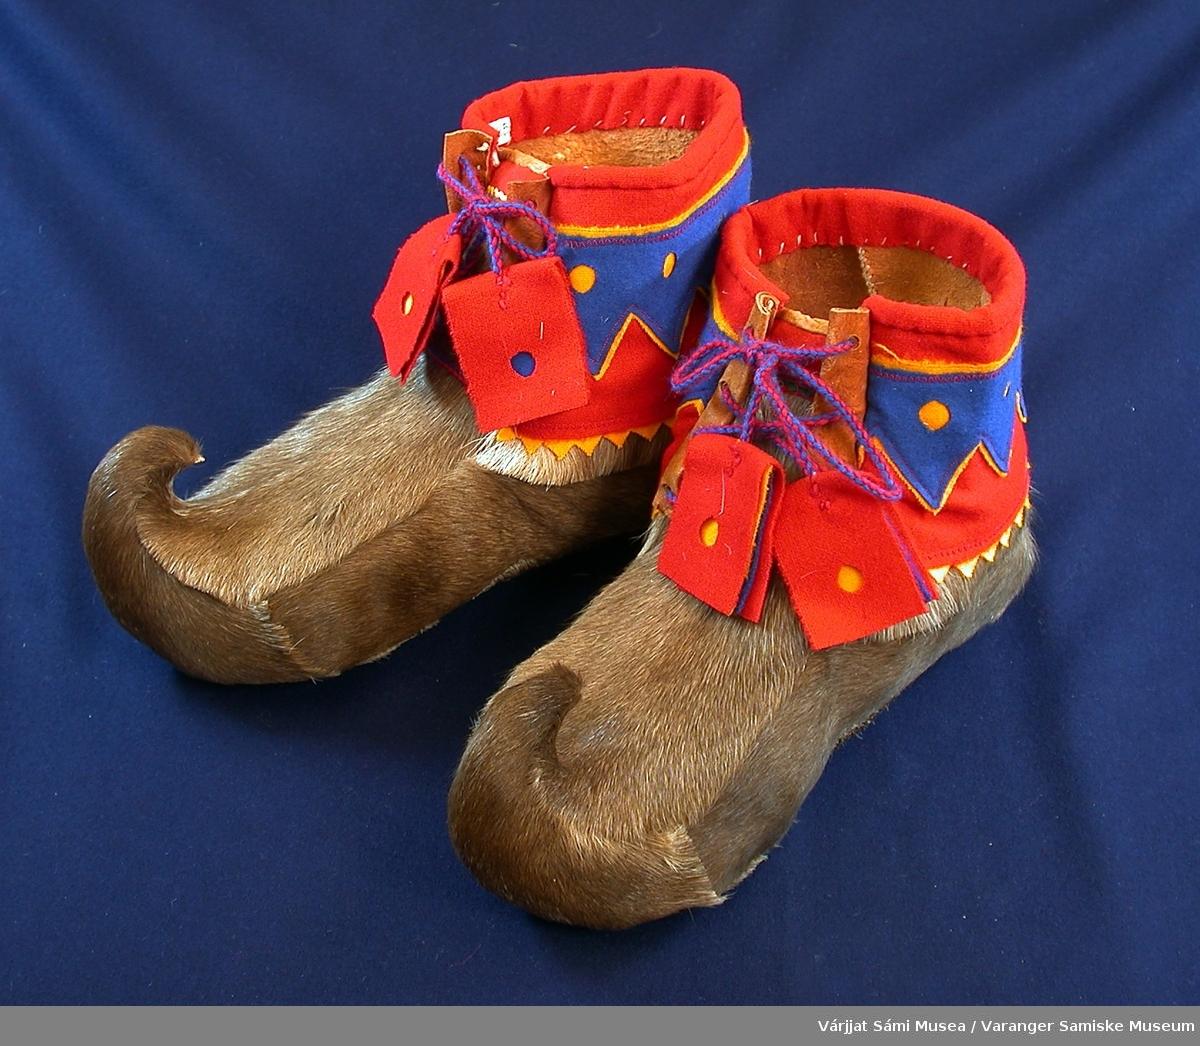 Et par herreskaller med snøring av brunt leggskinn av rein. Ankel-delen av skallene er dekorert med klede i rødt, blått og gult i sik-sak-mønster. Foran er det åpning med snøring. Snøringen er flettede snorer av rødt og blått ullgarn.